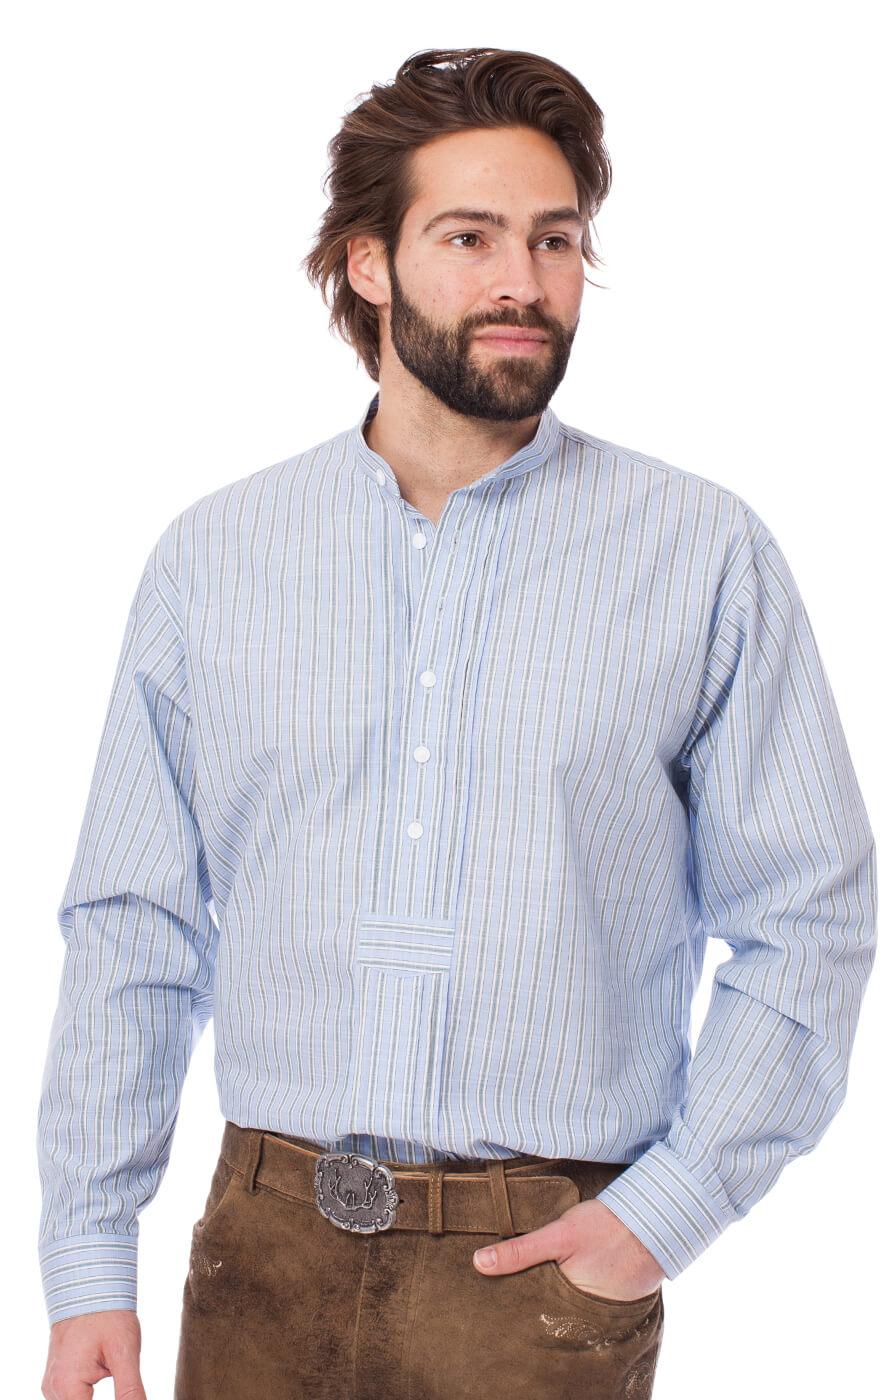 Klederdrachthemd 920001-3494-41 bauw von OS-Trachten